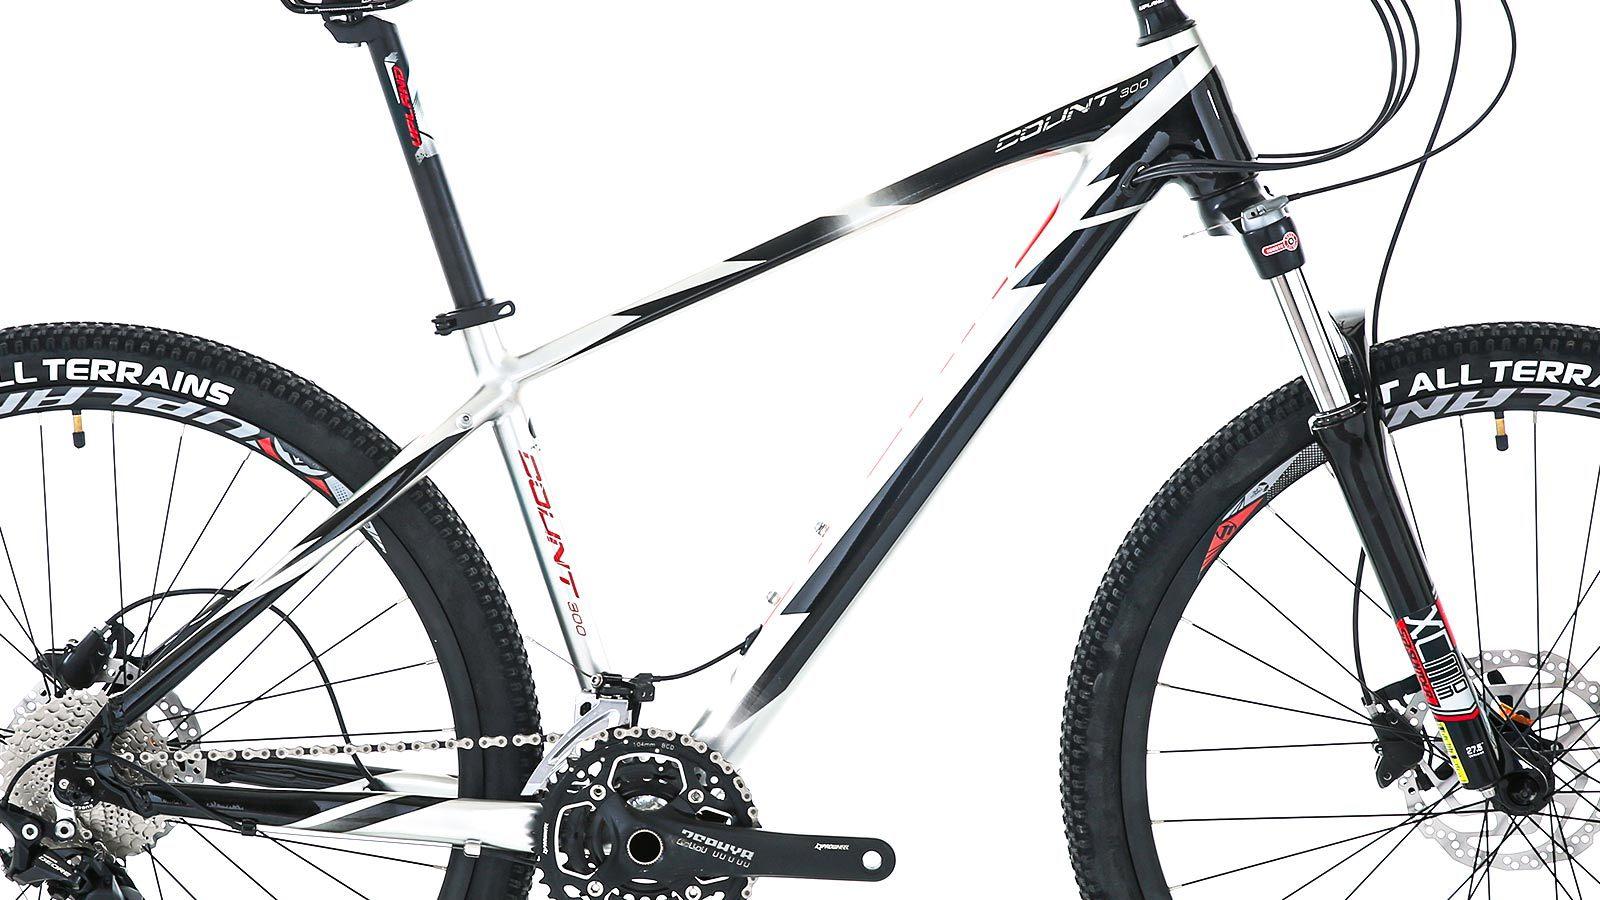 рама горного велосипеда Upland COUNT 300